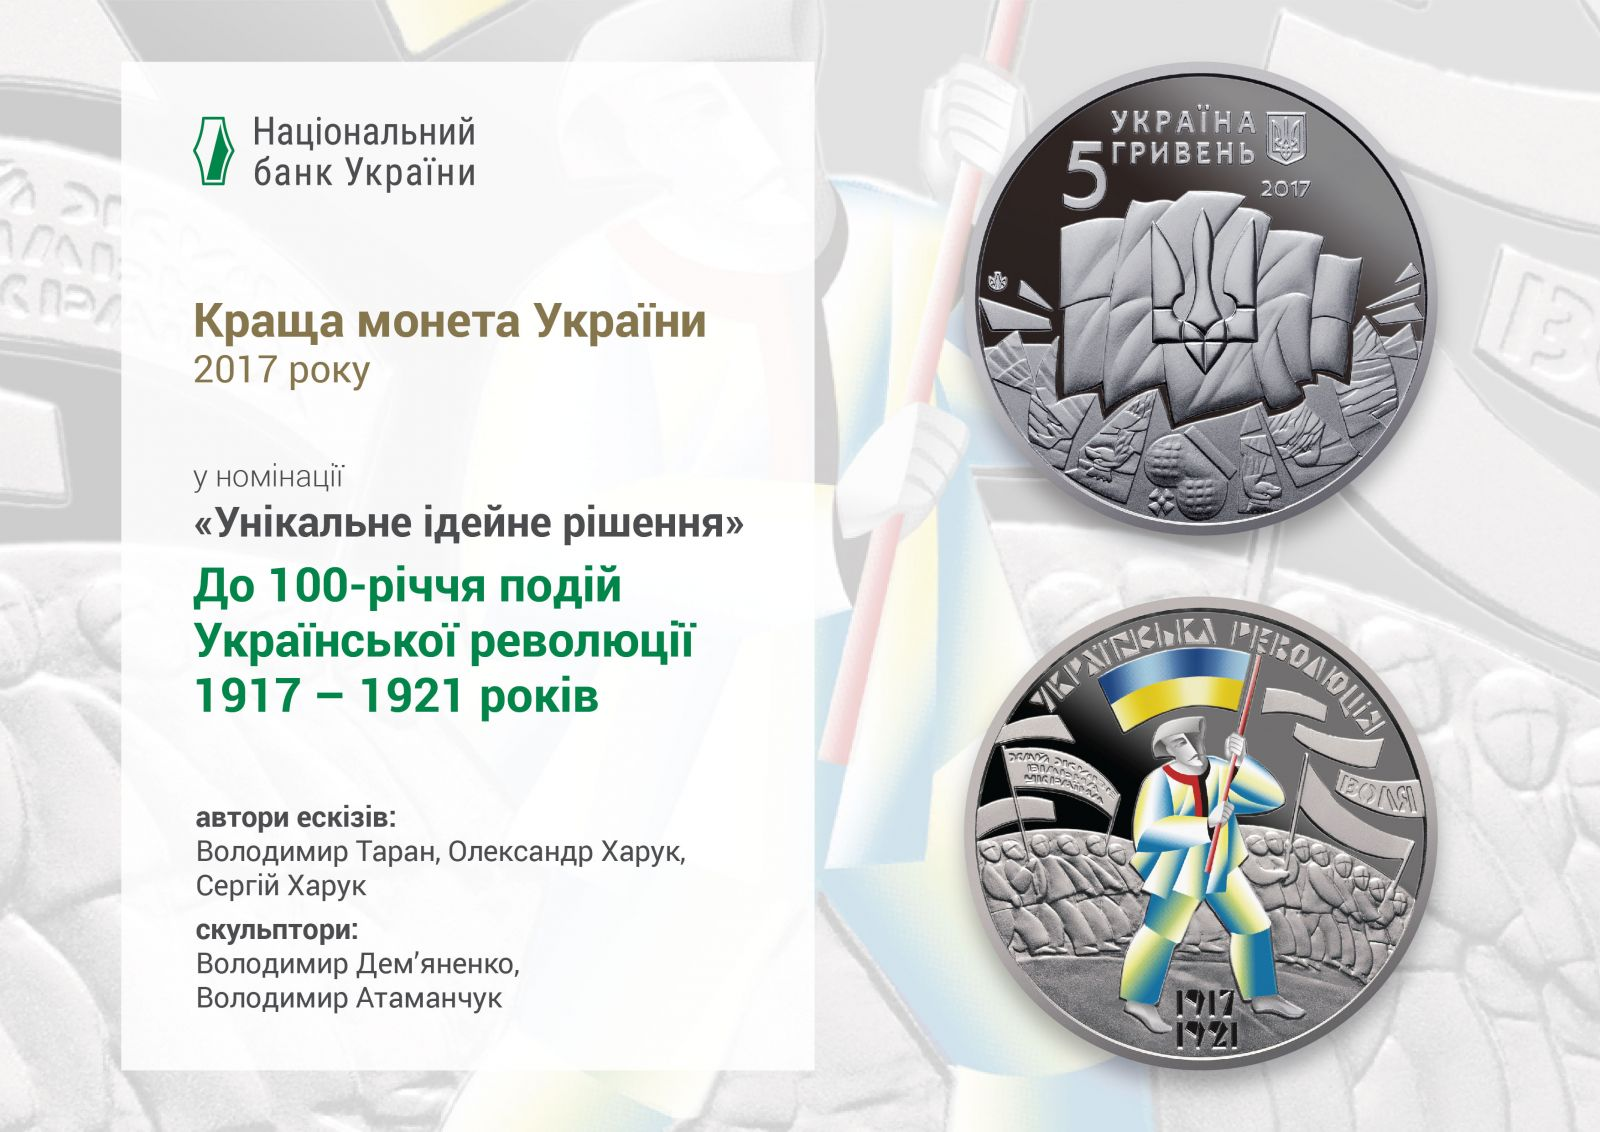 Лучшая монета 2017 года в Украине, «Лучшее художественное решение», 5 гривен «К 100-летию событий Украинской революции 1917 — 1921 годов»